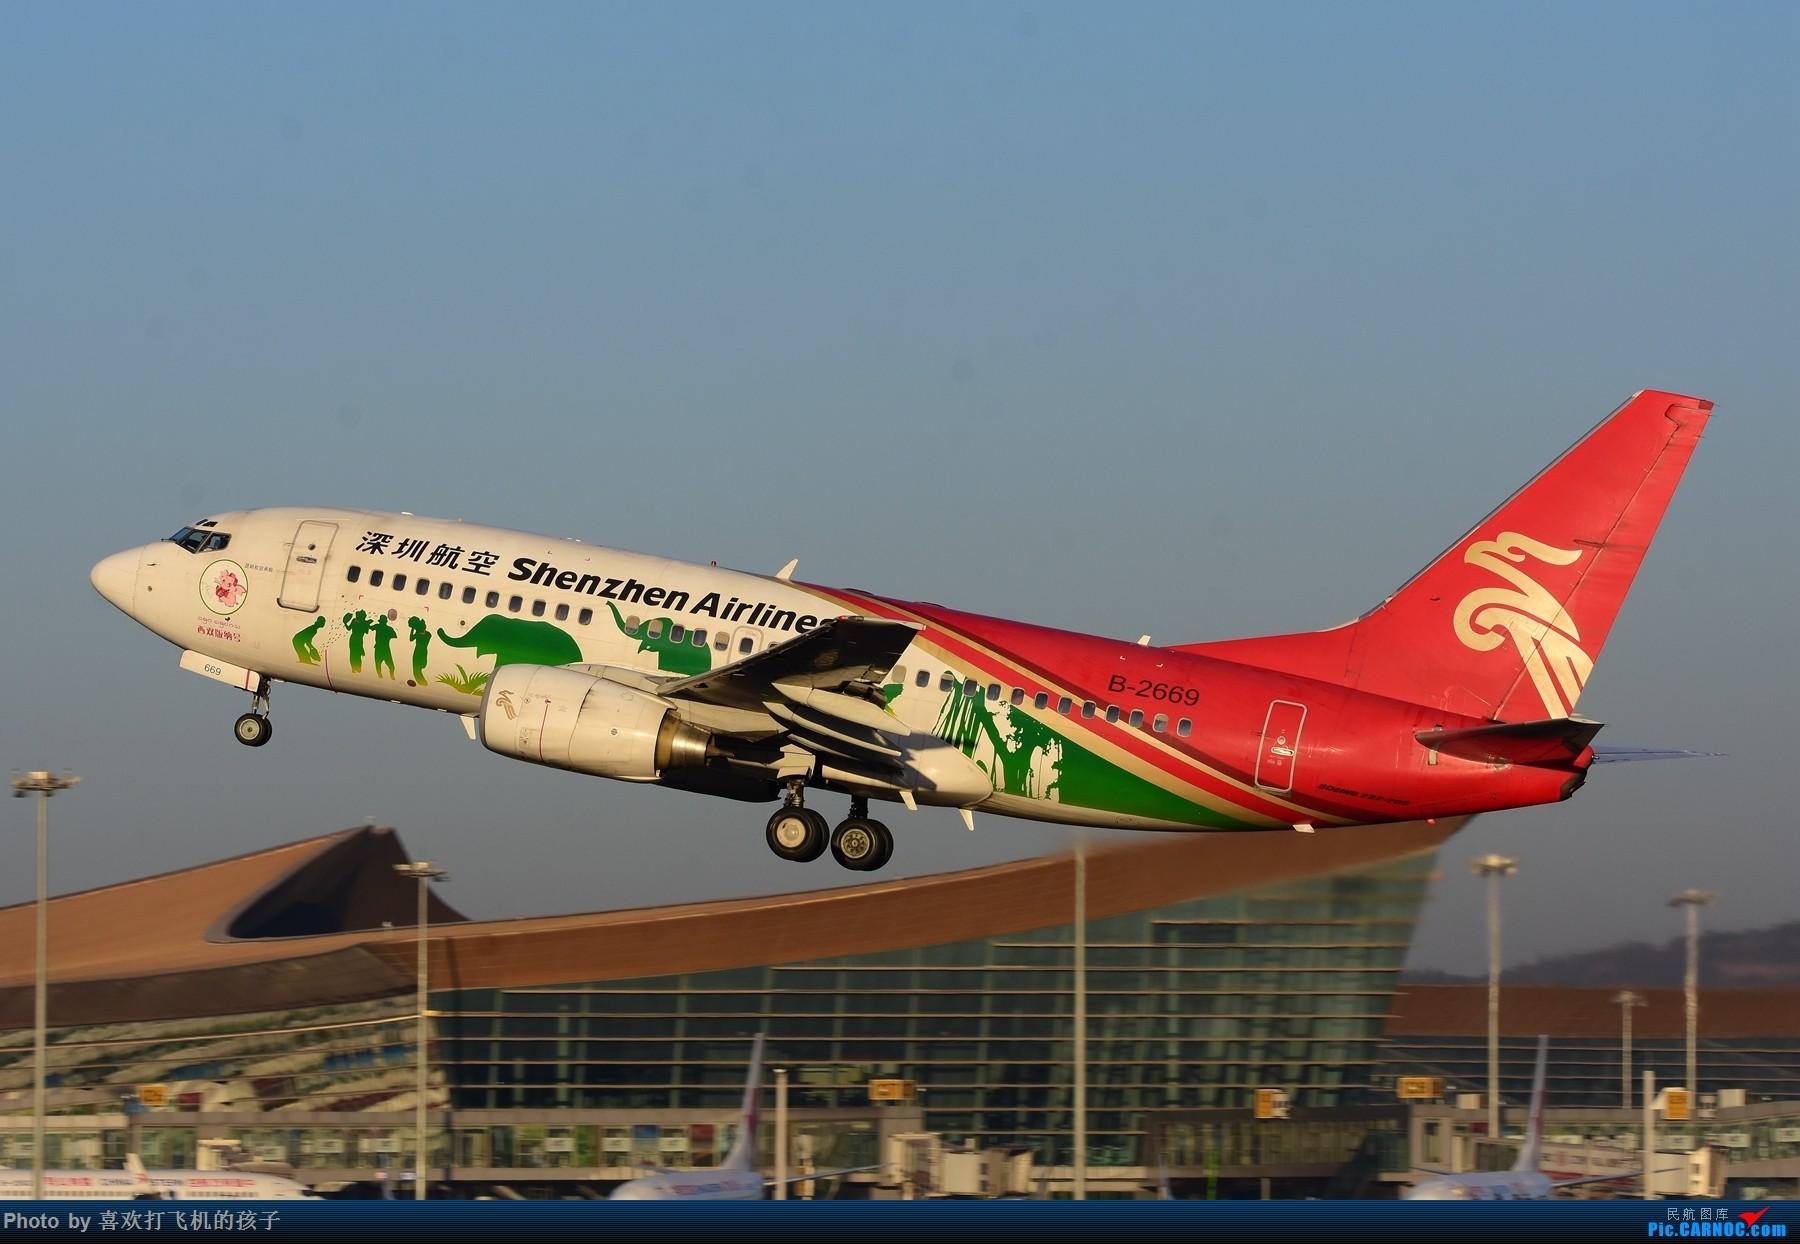 Re:[原创]【昆明飞友会】2017年最后一贴,昆明长水国际机场 BOEING 737-700 B-2669 中国昆明长水国际机场